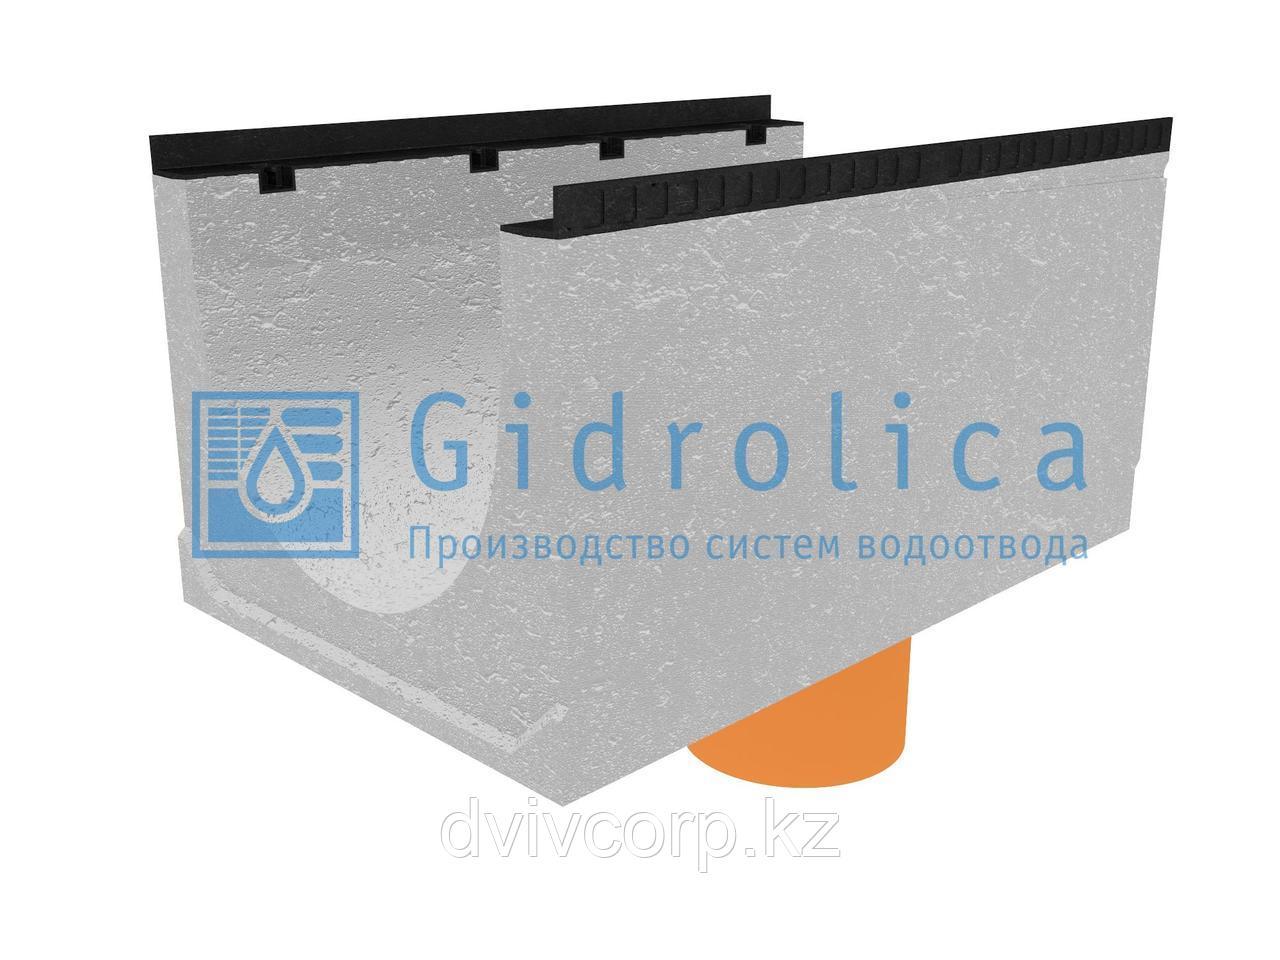 Лоток водоотводный бетонный коробчатый (СО-500мм), с водосливом КUв 100.65(50).52,5(43,5) - BGМ, № 15-0